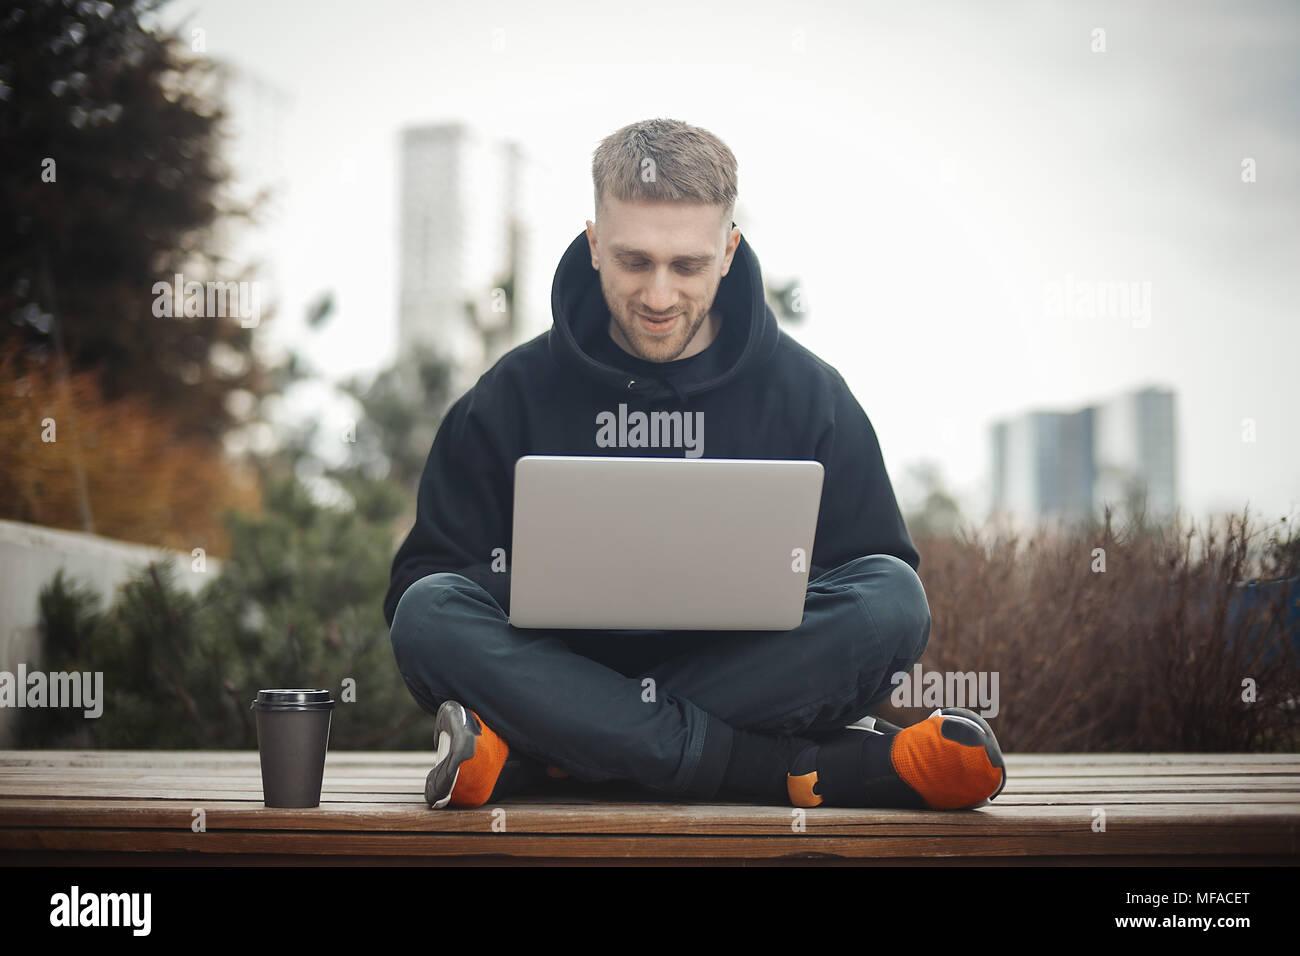 Sonriente joven hombre sujetando el portátil sobre las rodillas. Imagen De Stock